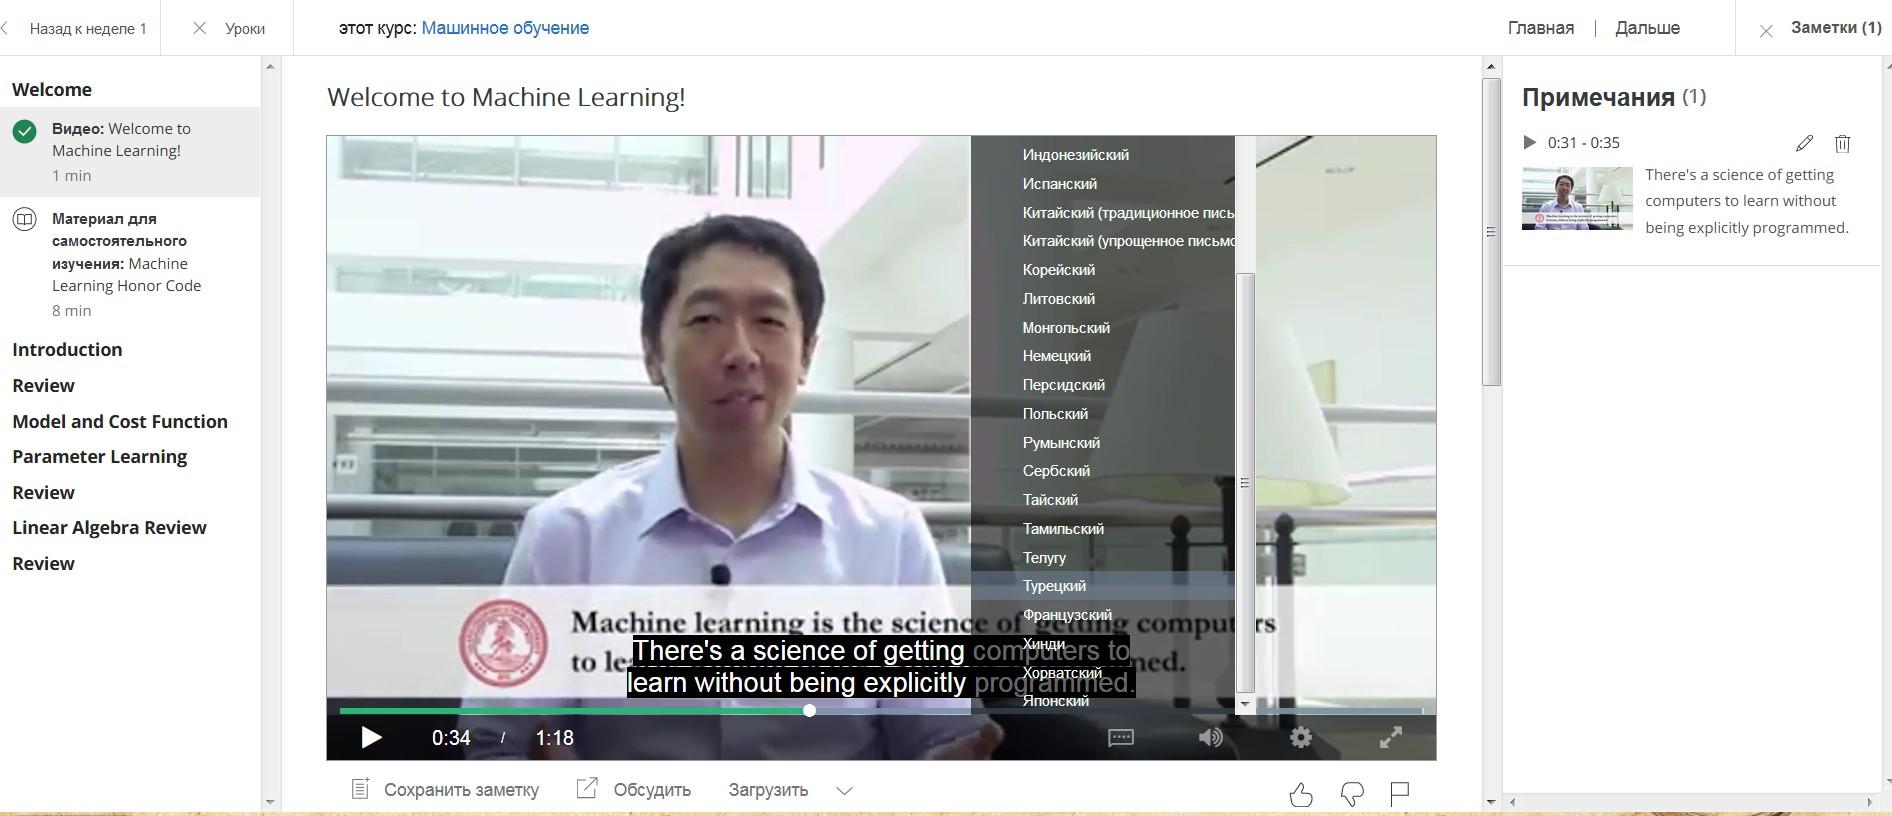 Цифровое образование: куда пойти учиться в интернете?